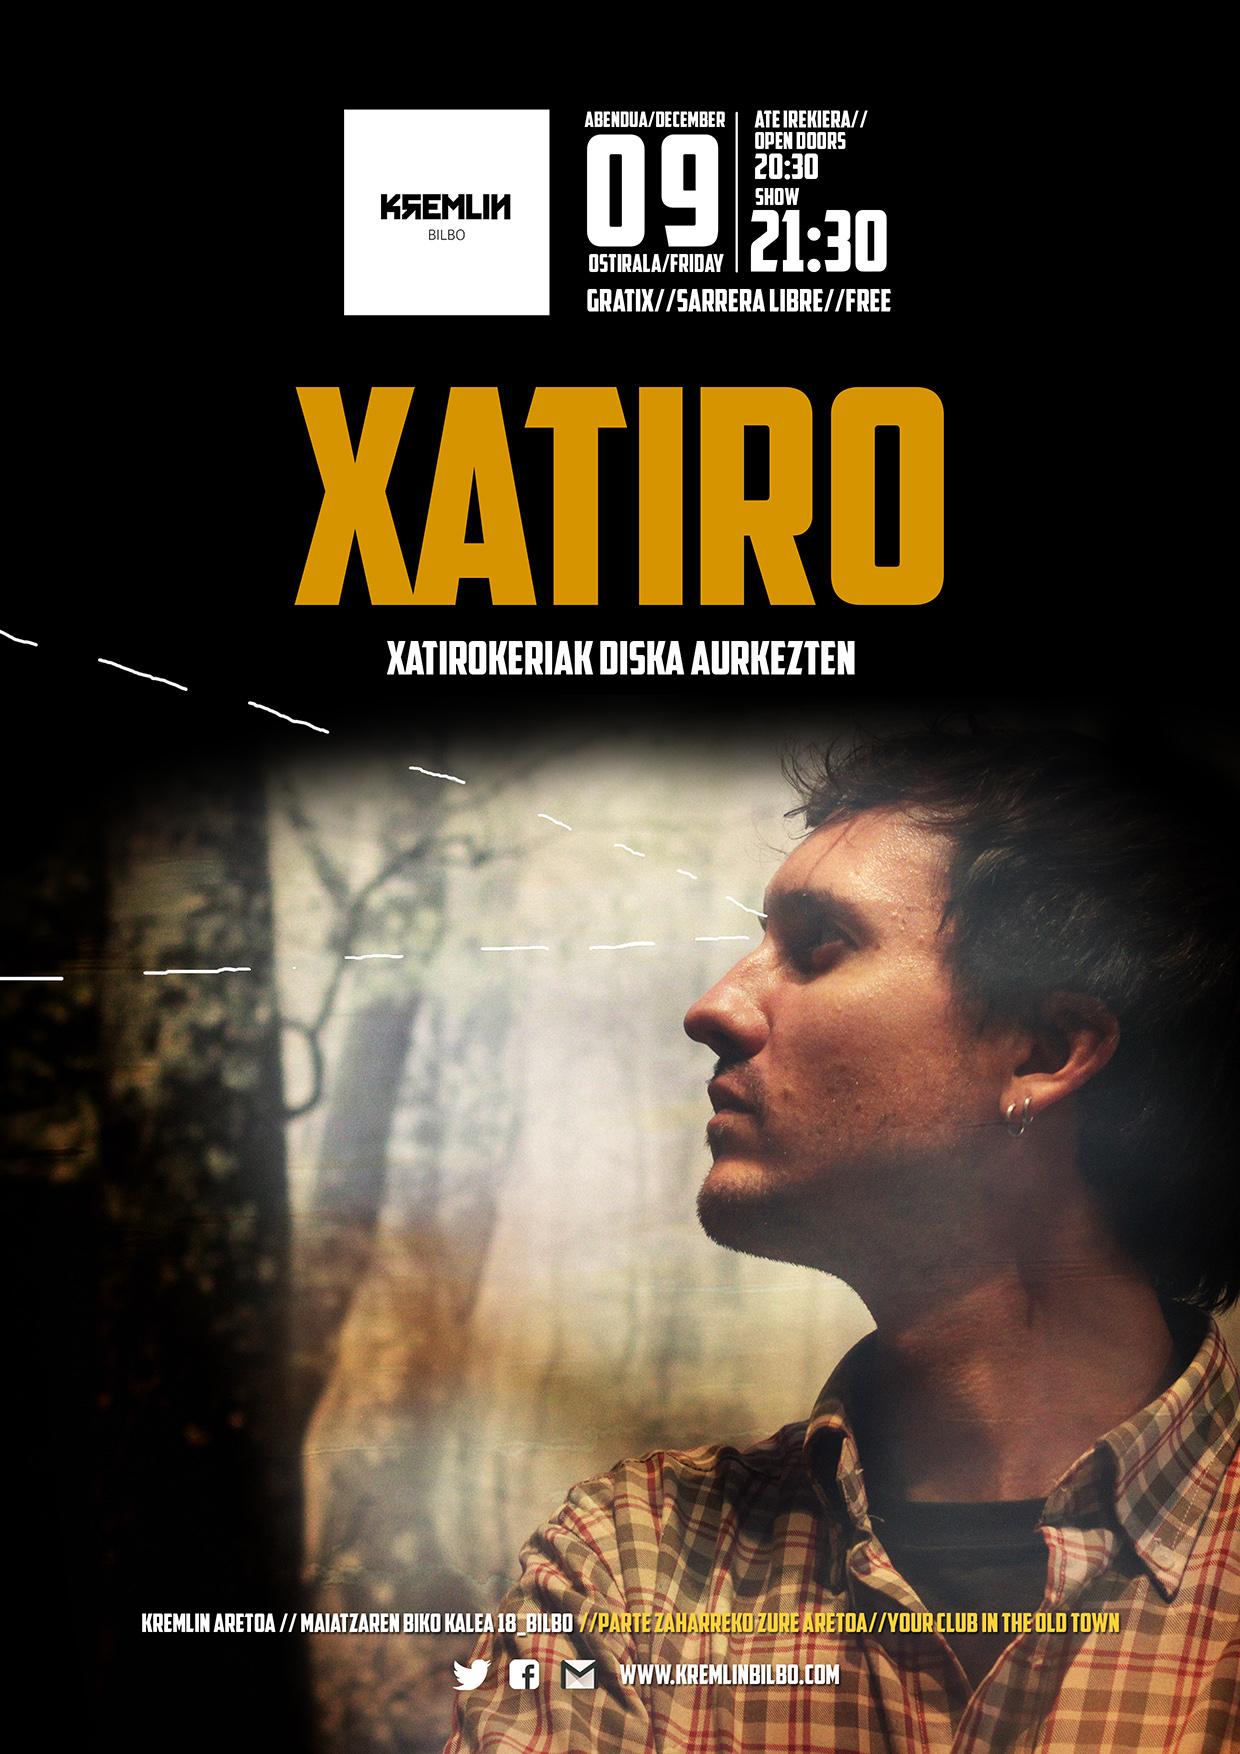 XATIRO